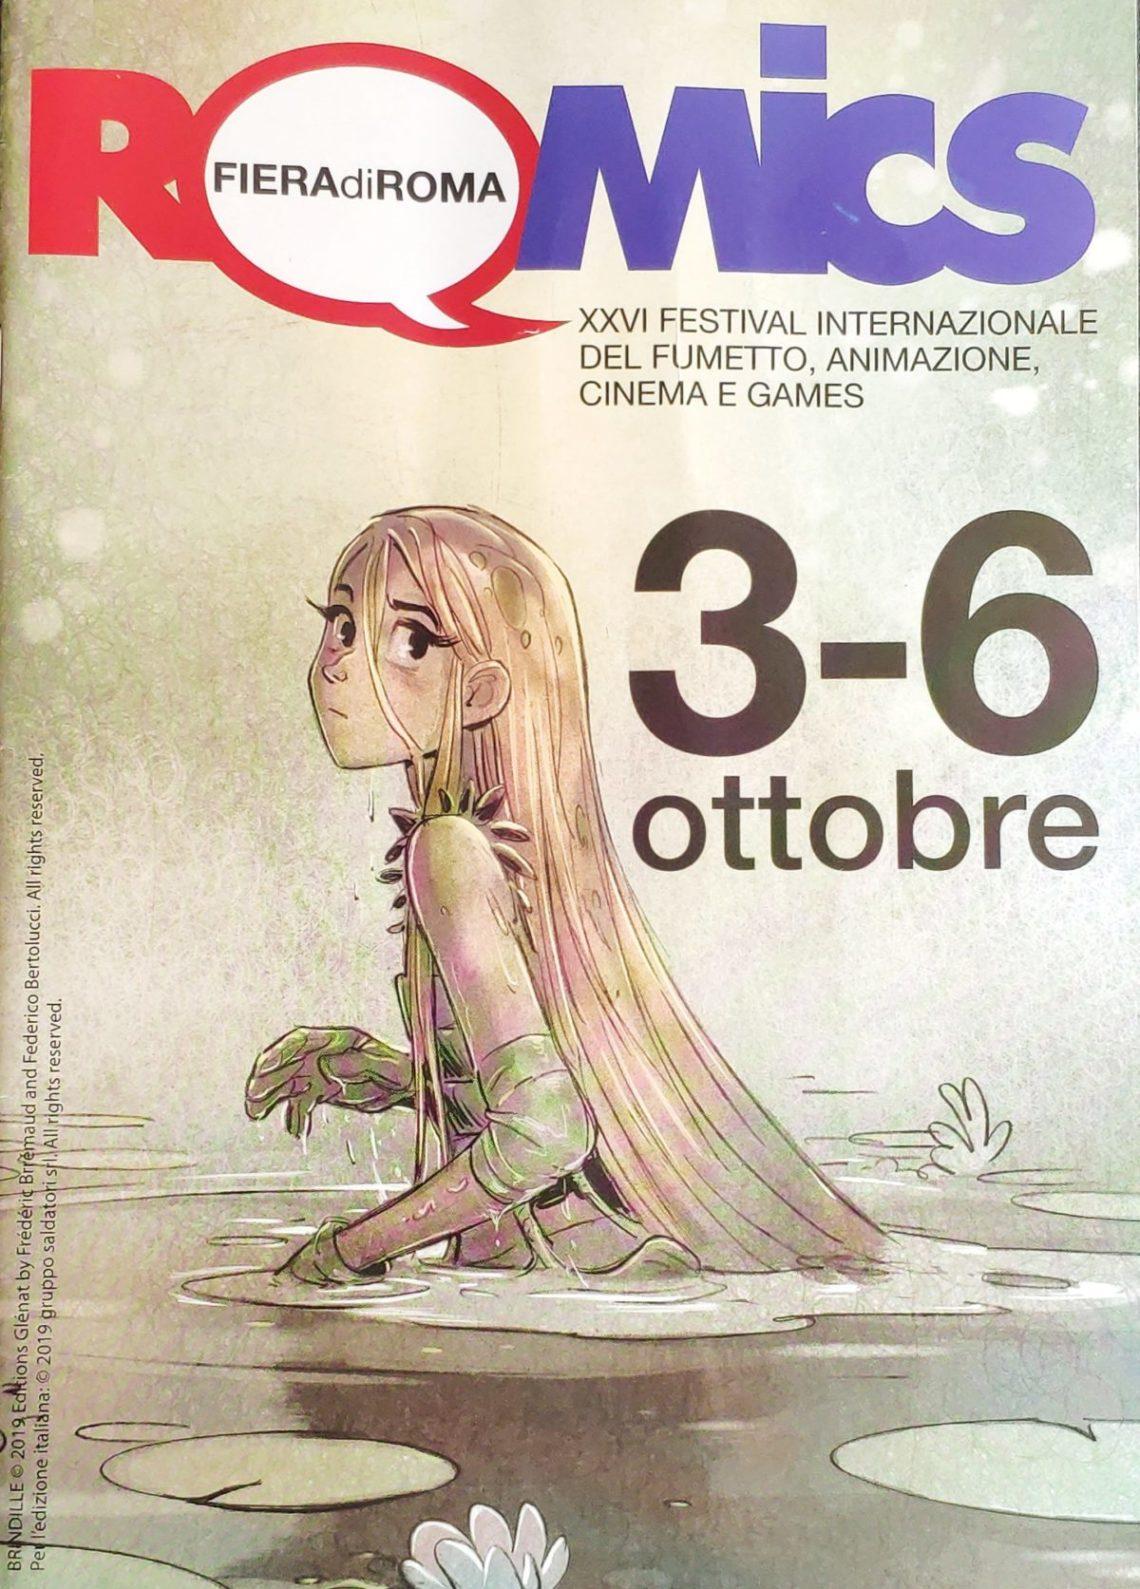 Mio caro fumetto... - Guida alla XXVI edizione del Romics